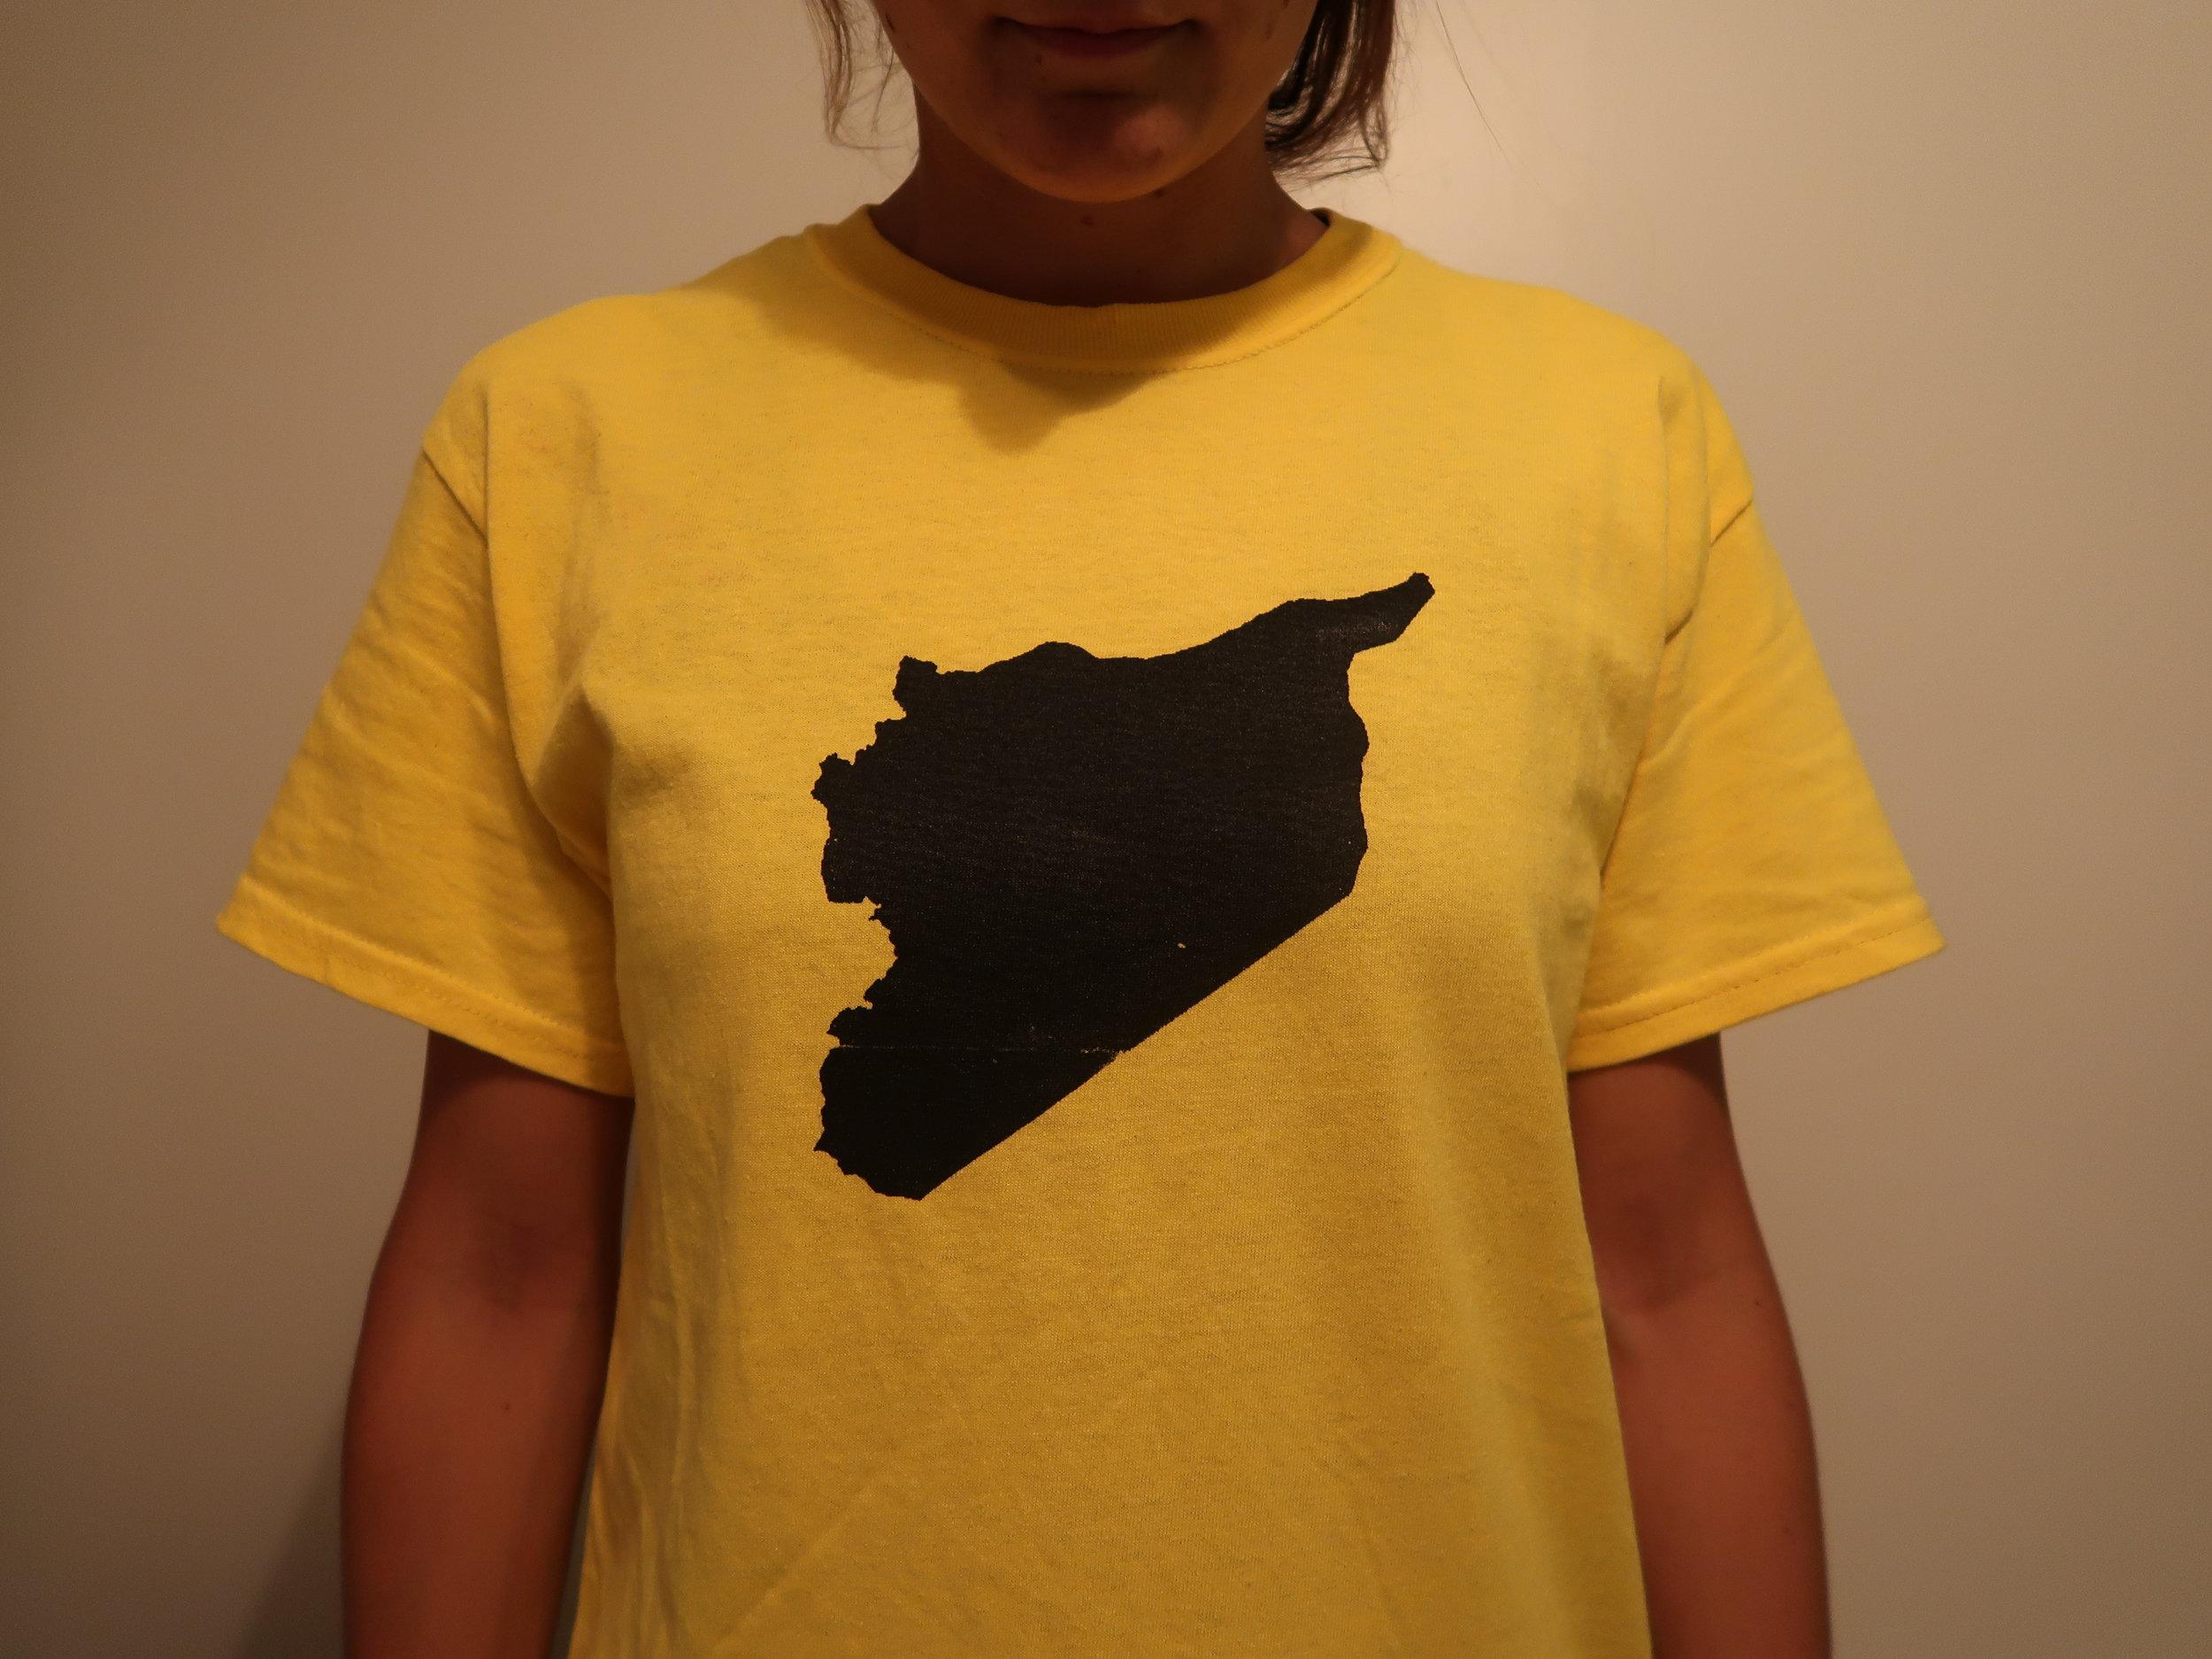 Day 140: Syrian Arab Republic